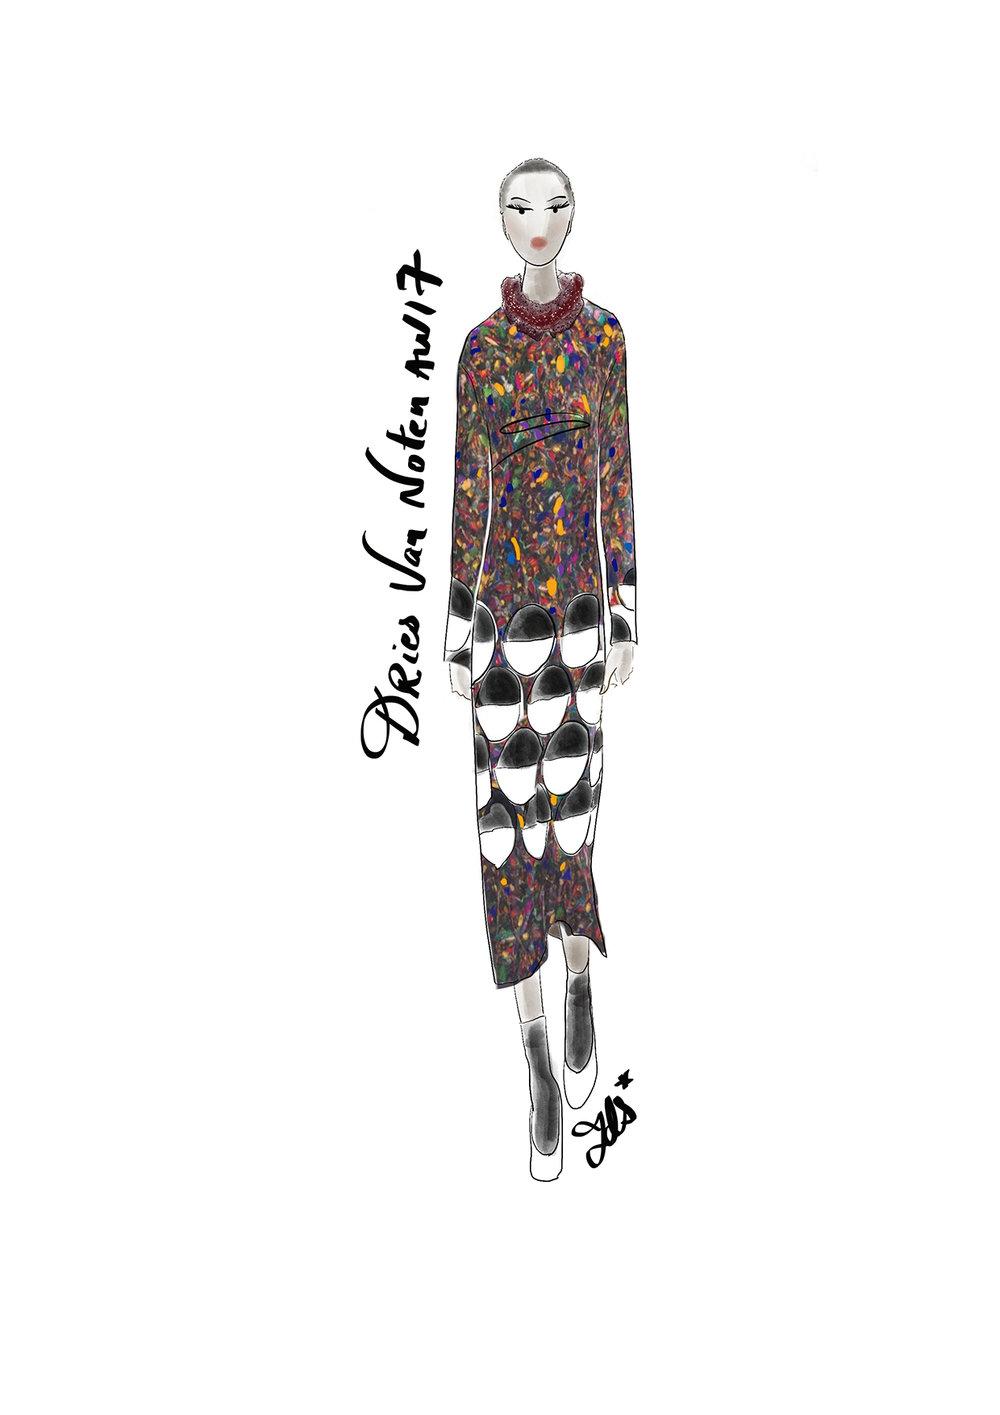 Fashion_week_AW17DRIES VAN NOTEN.jpg